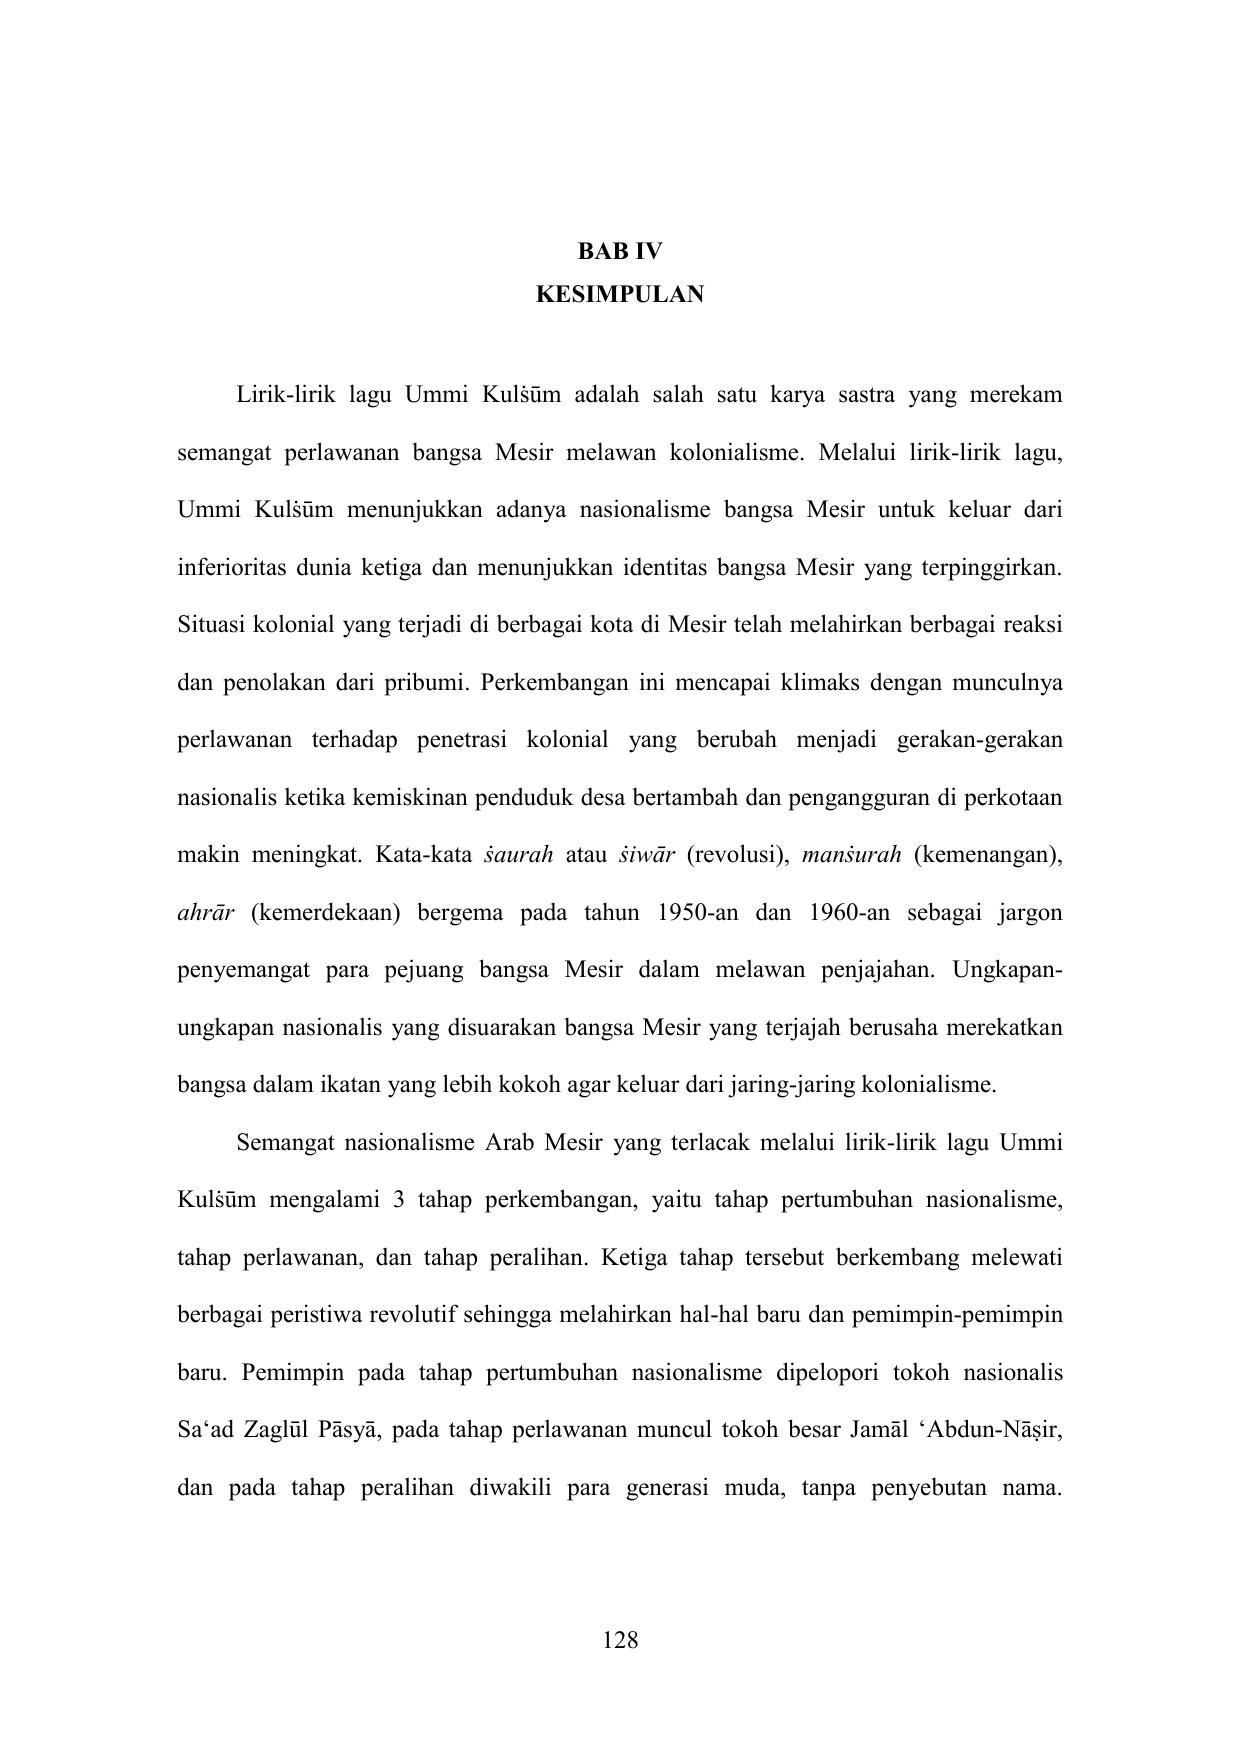 128 Bab Iv Kesimpulan Lirik Lirik Lagu Ummi Kulṡum